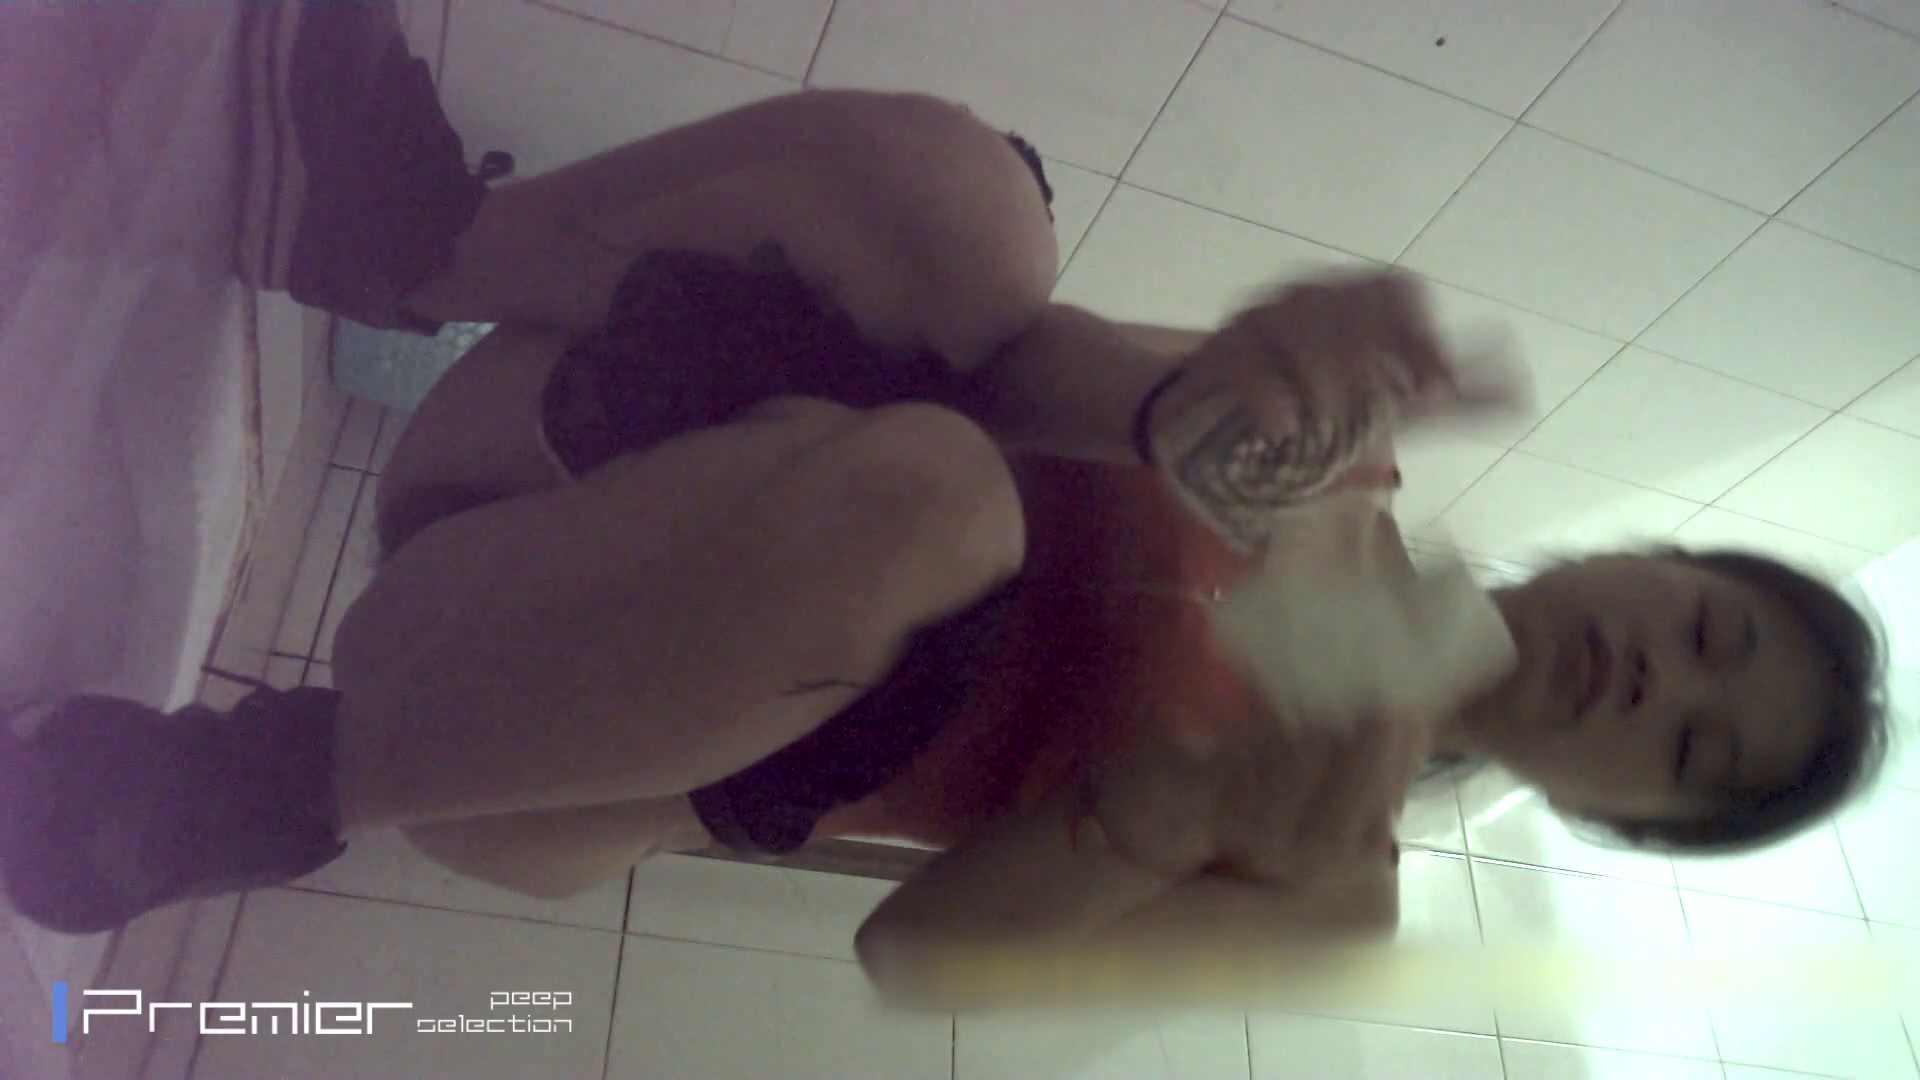 トイレシーンを密着盗撮!! 美女の痴態に密着!Vol.29 チラ オメコ動画キャプチャ 101画像 89